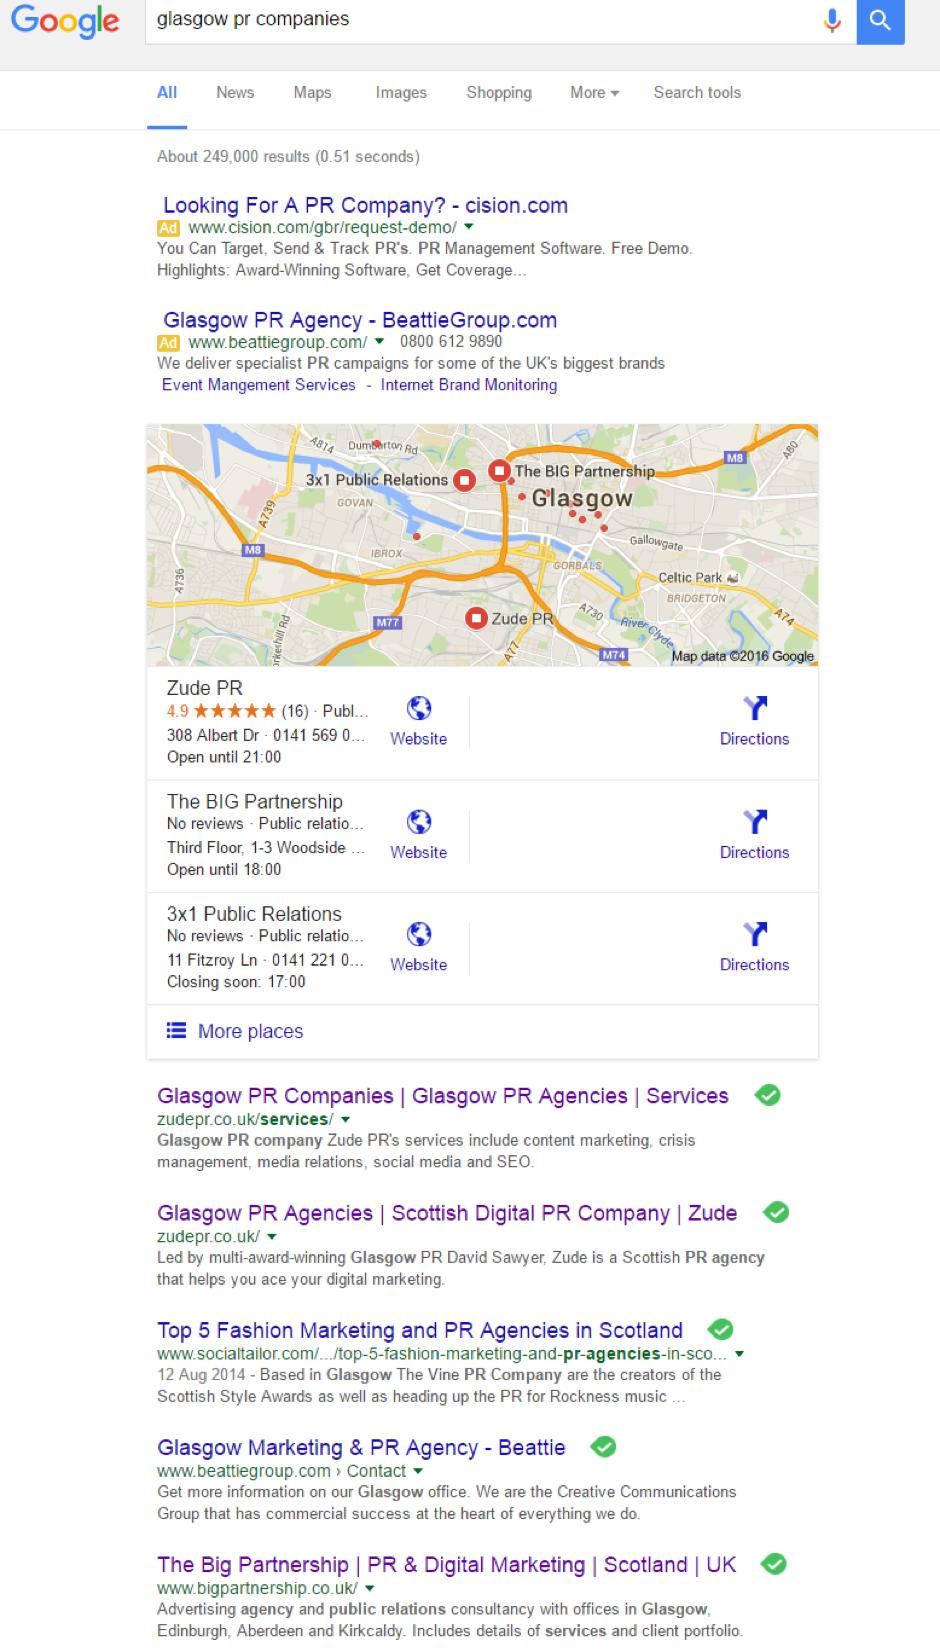 Glasgow PR Companies